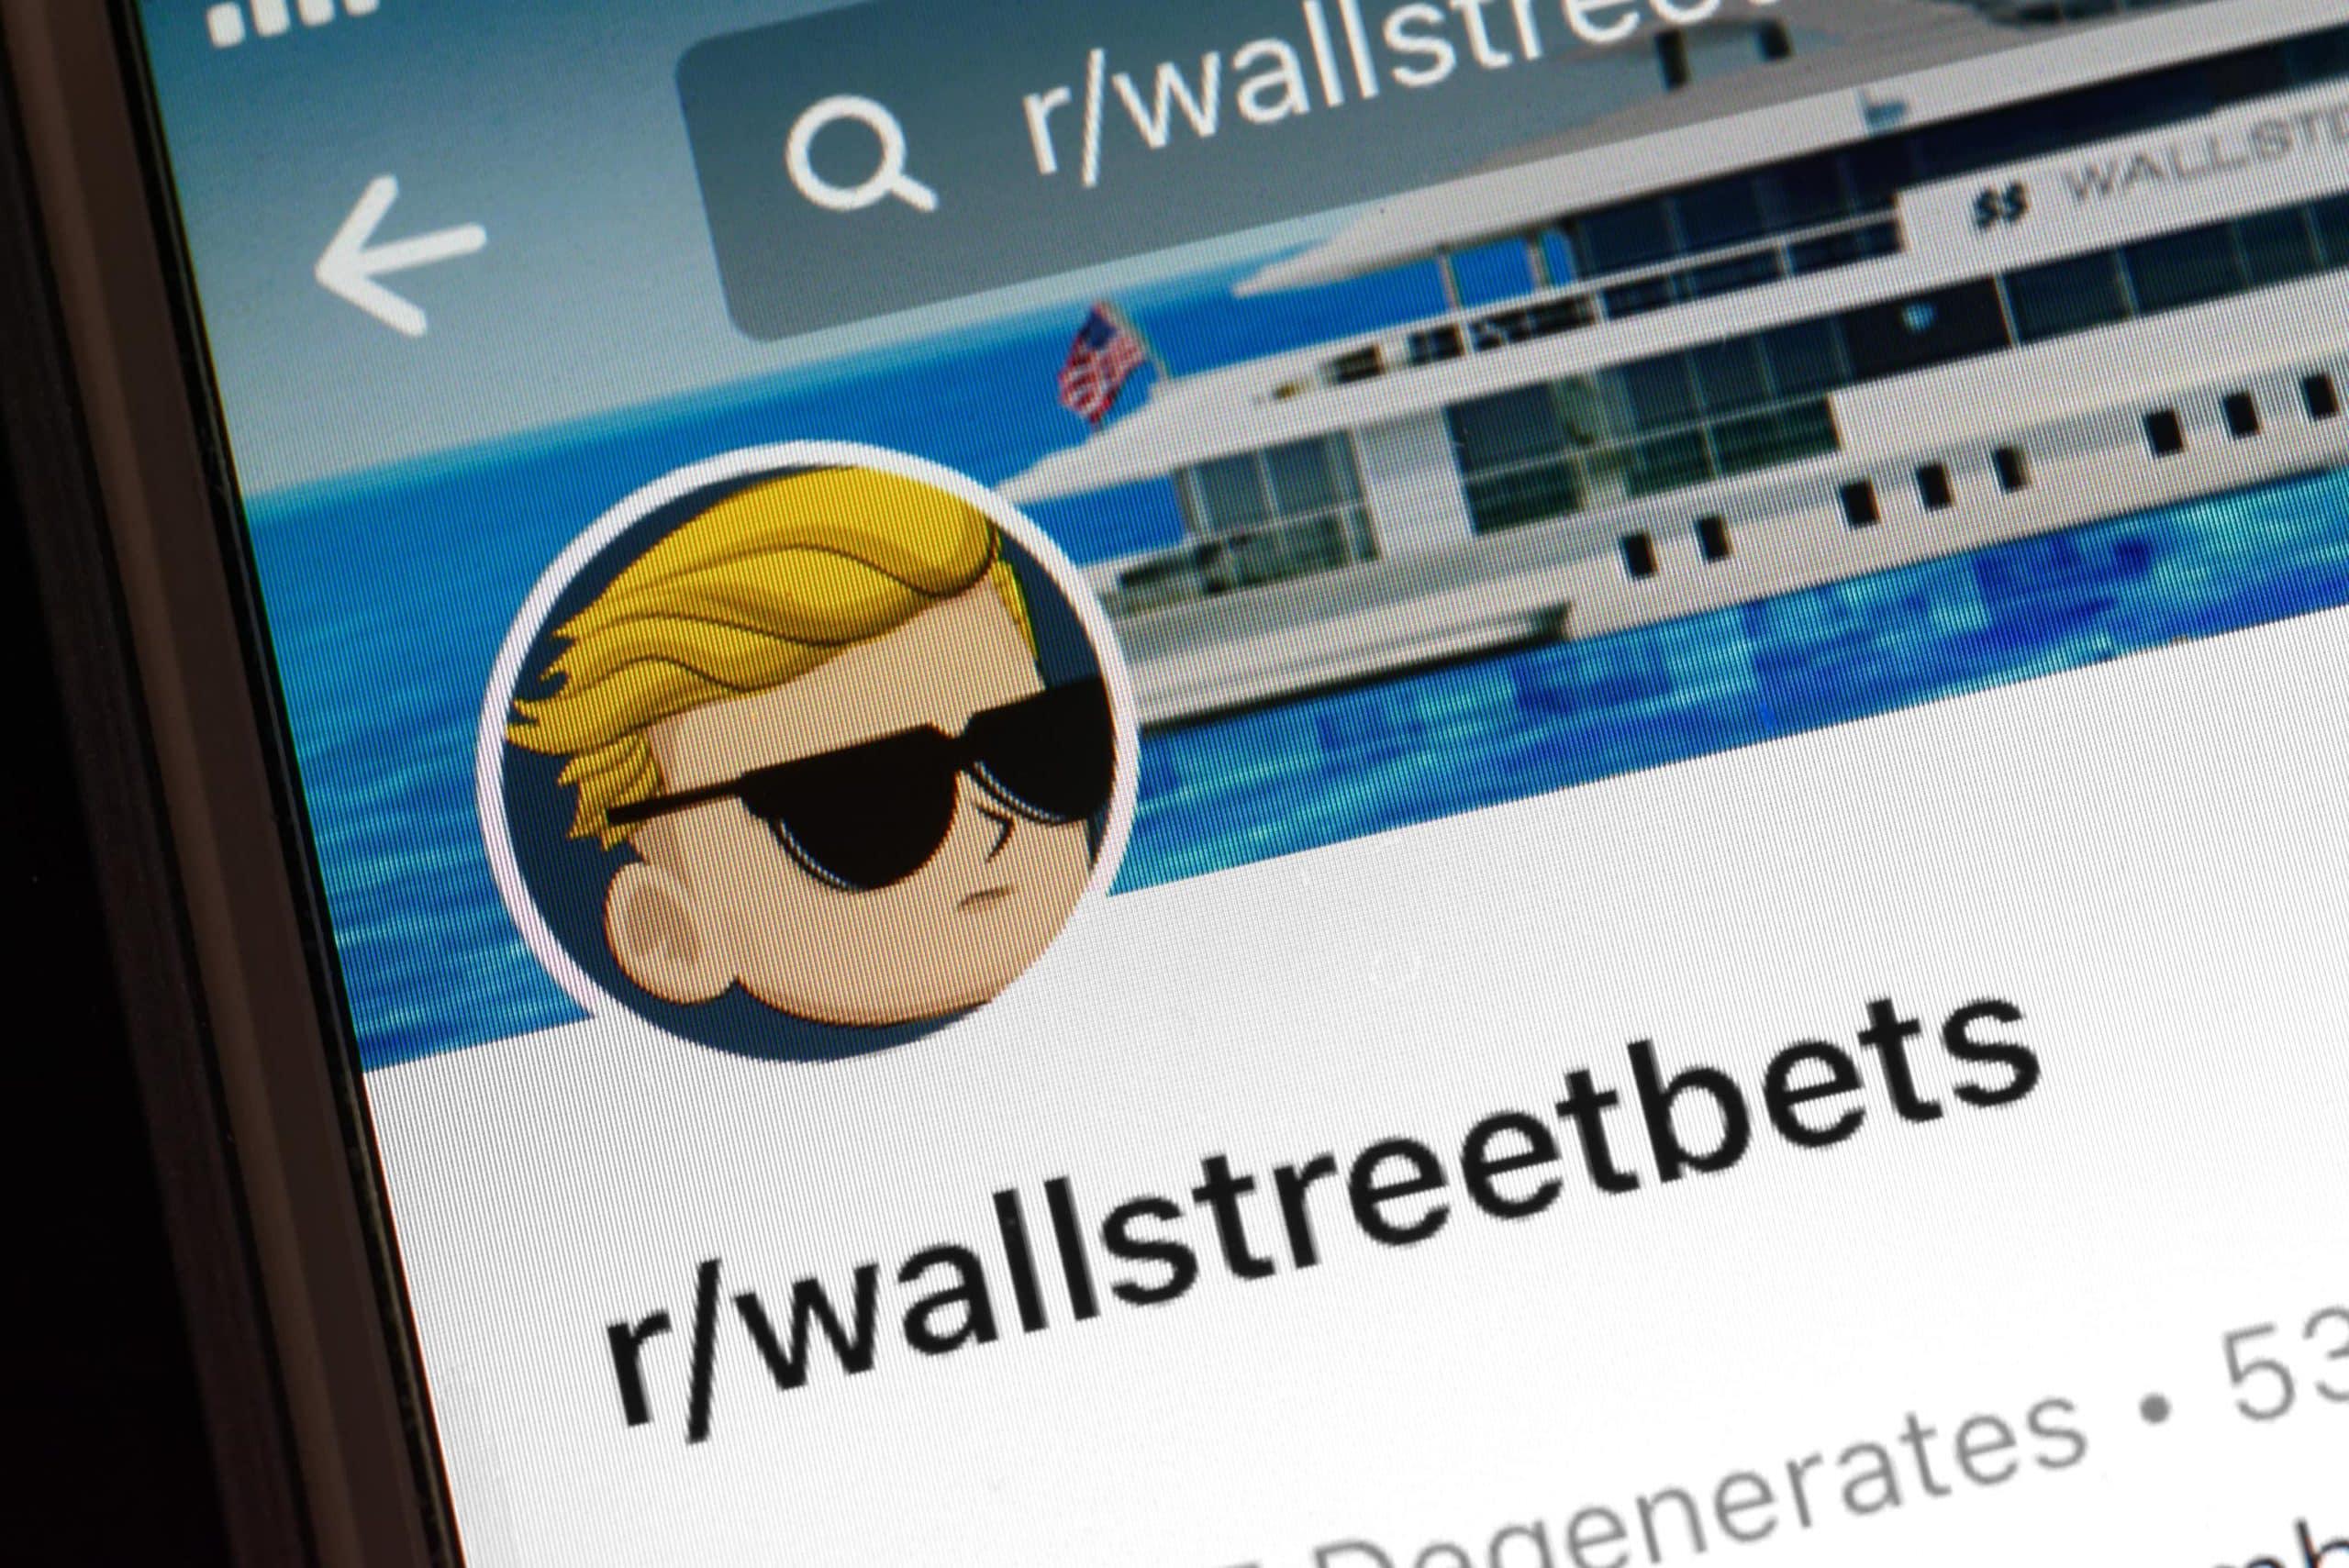 Wallstreetbets-App auf Smartphone